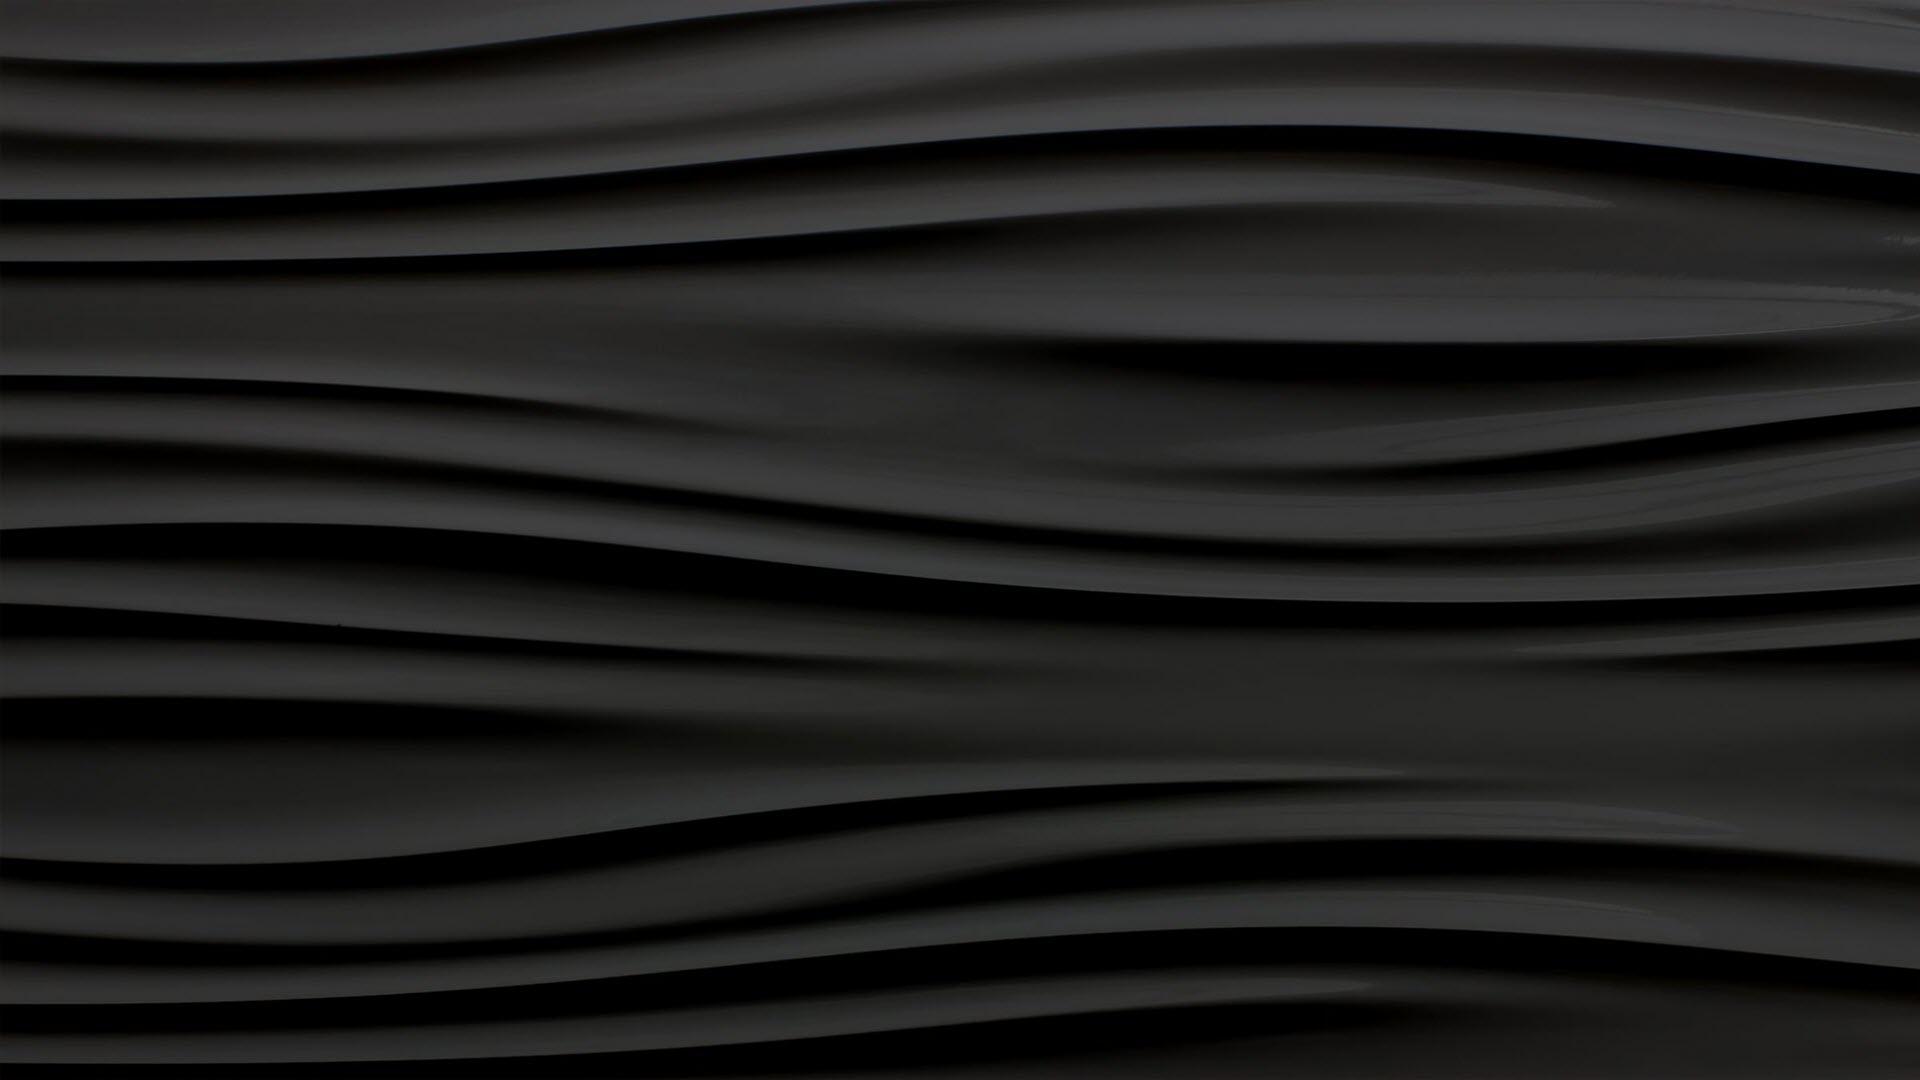 Ảnh nền vải đen